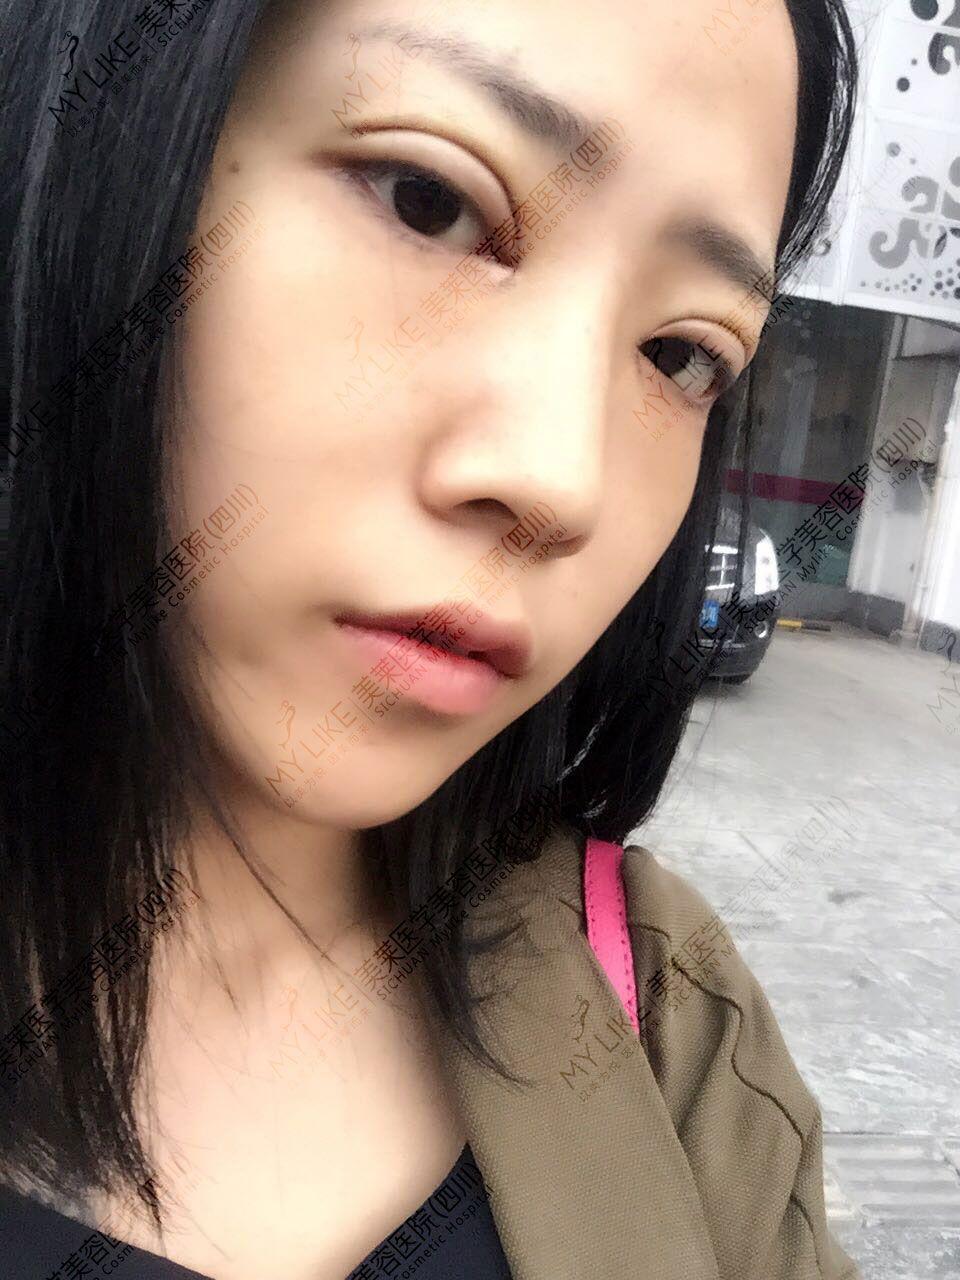 长期用双眼皮贴导致眼部松弛,眼皮拉耸,术后第一天有点肿没有淤青